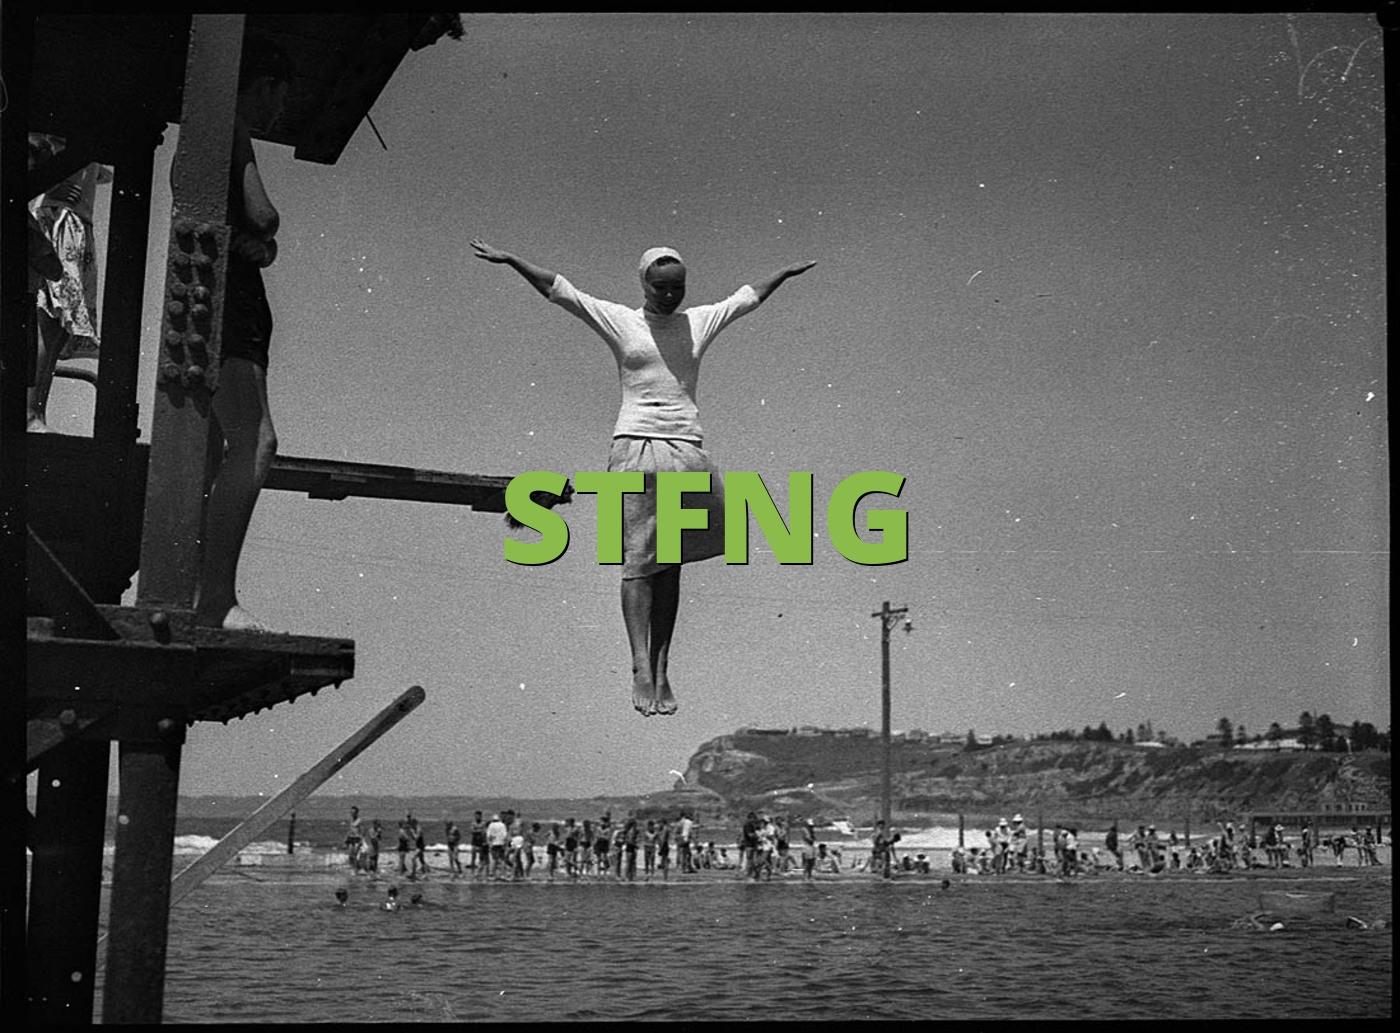 STFNG